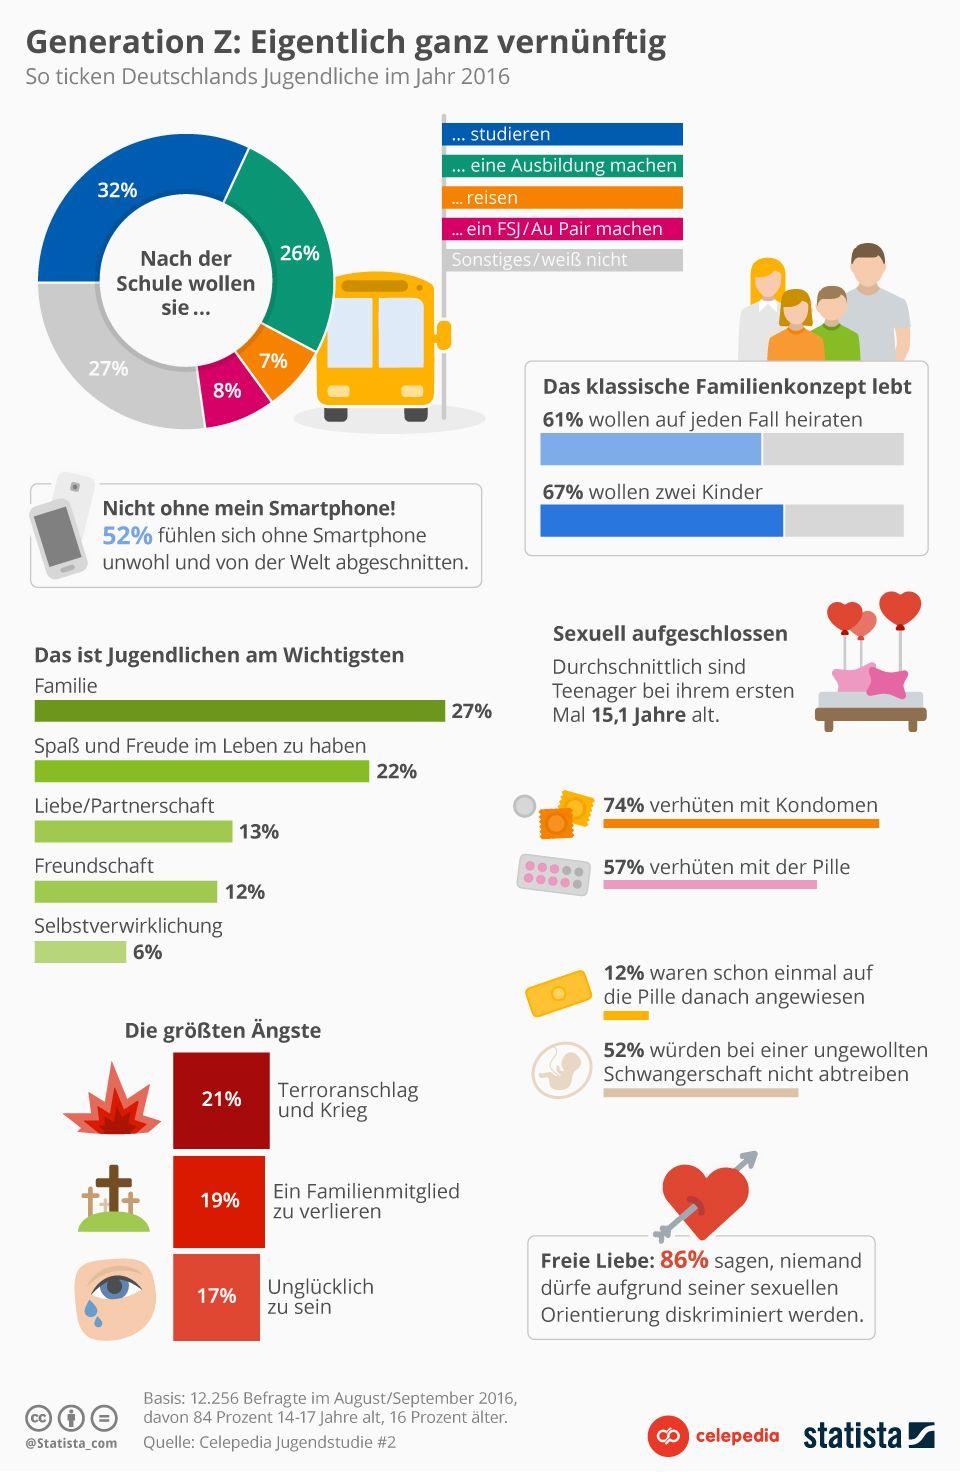 Infografik: Generation Z: Eigentlich ganz vernünftig | Statista